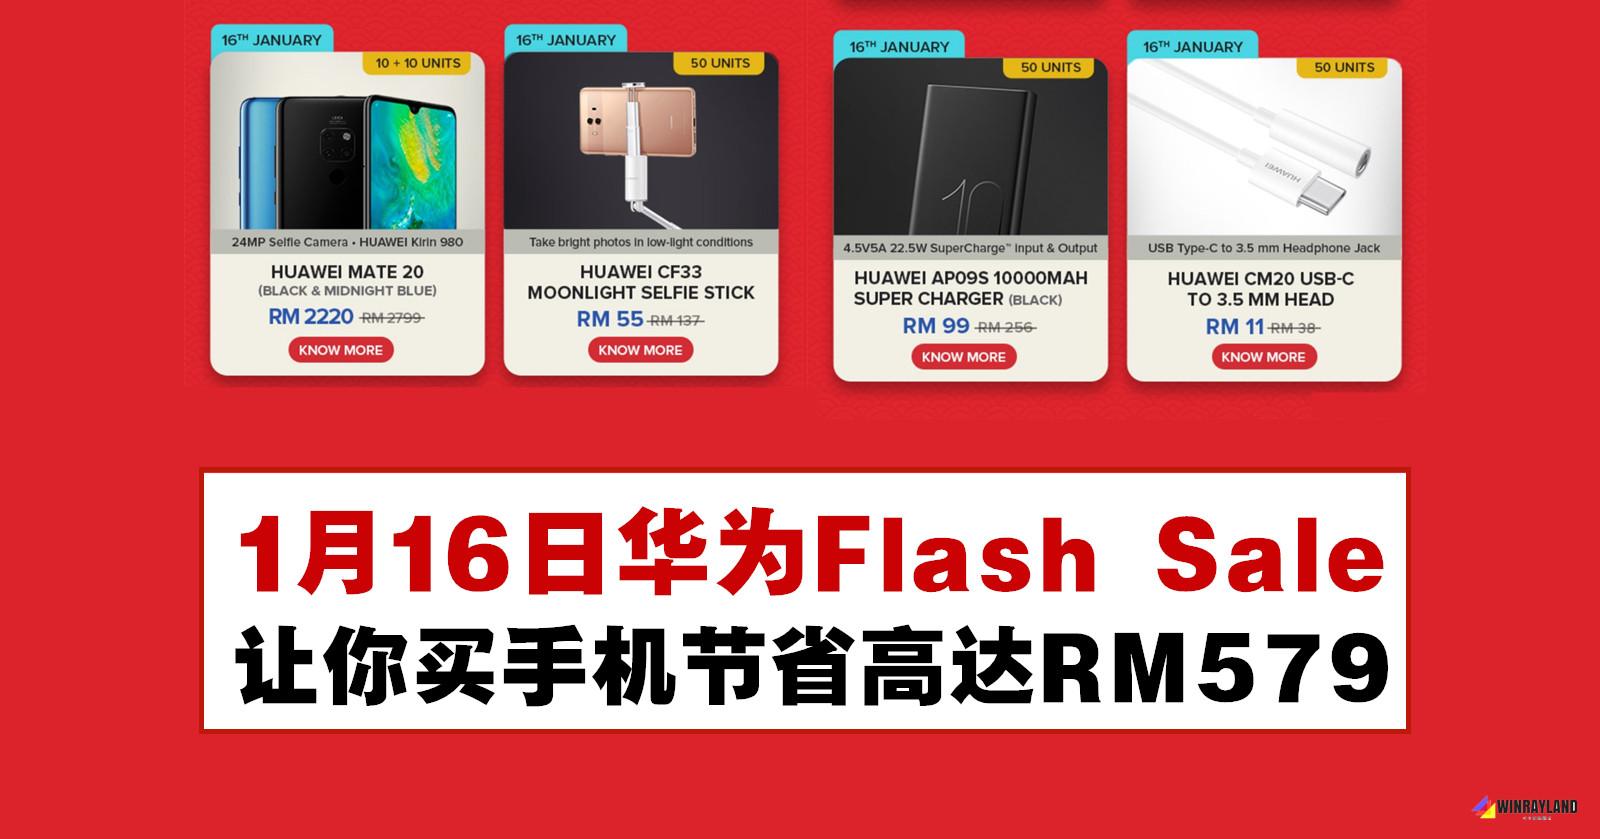 1月16日Huawei Flash Sale